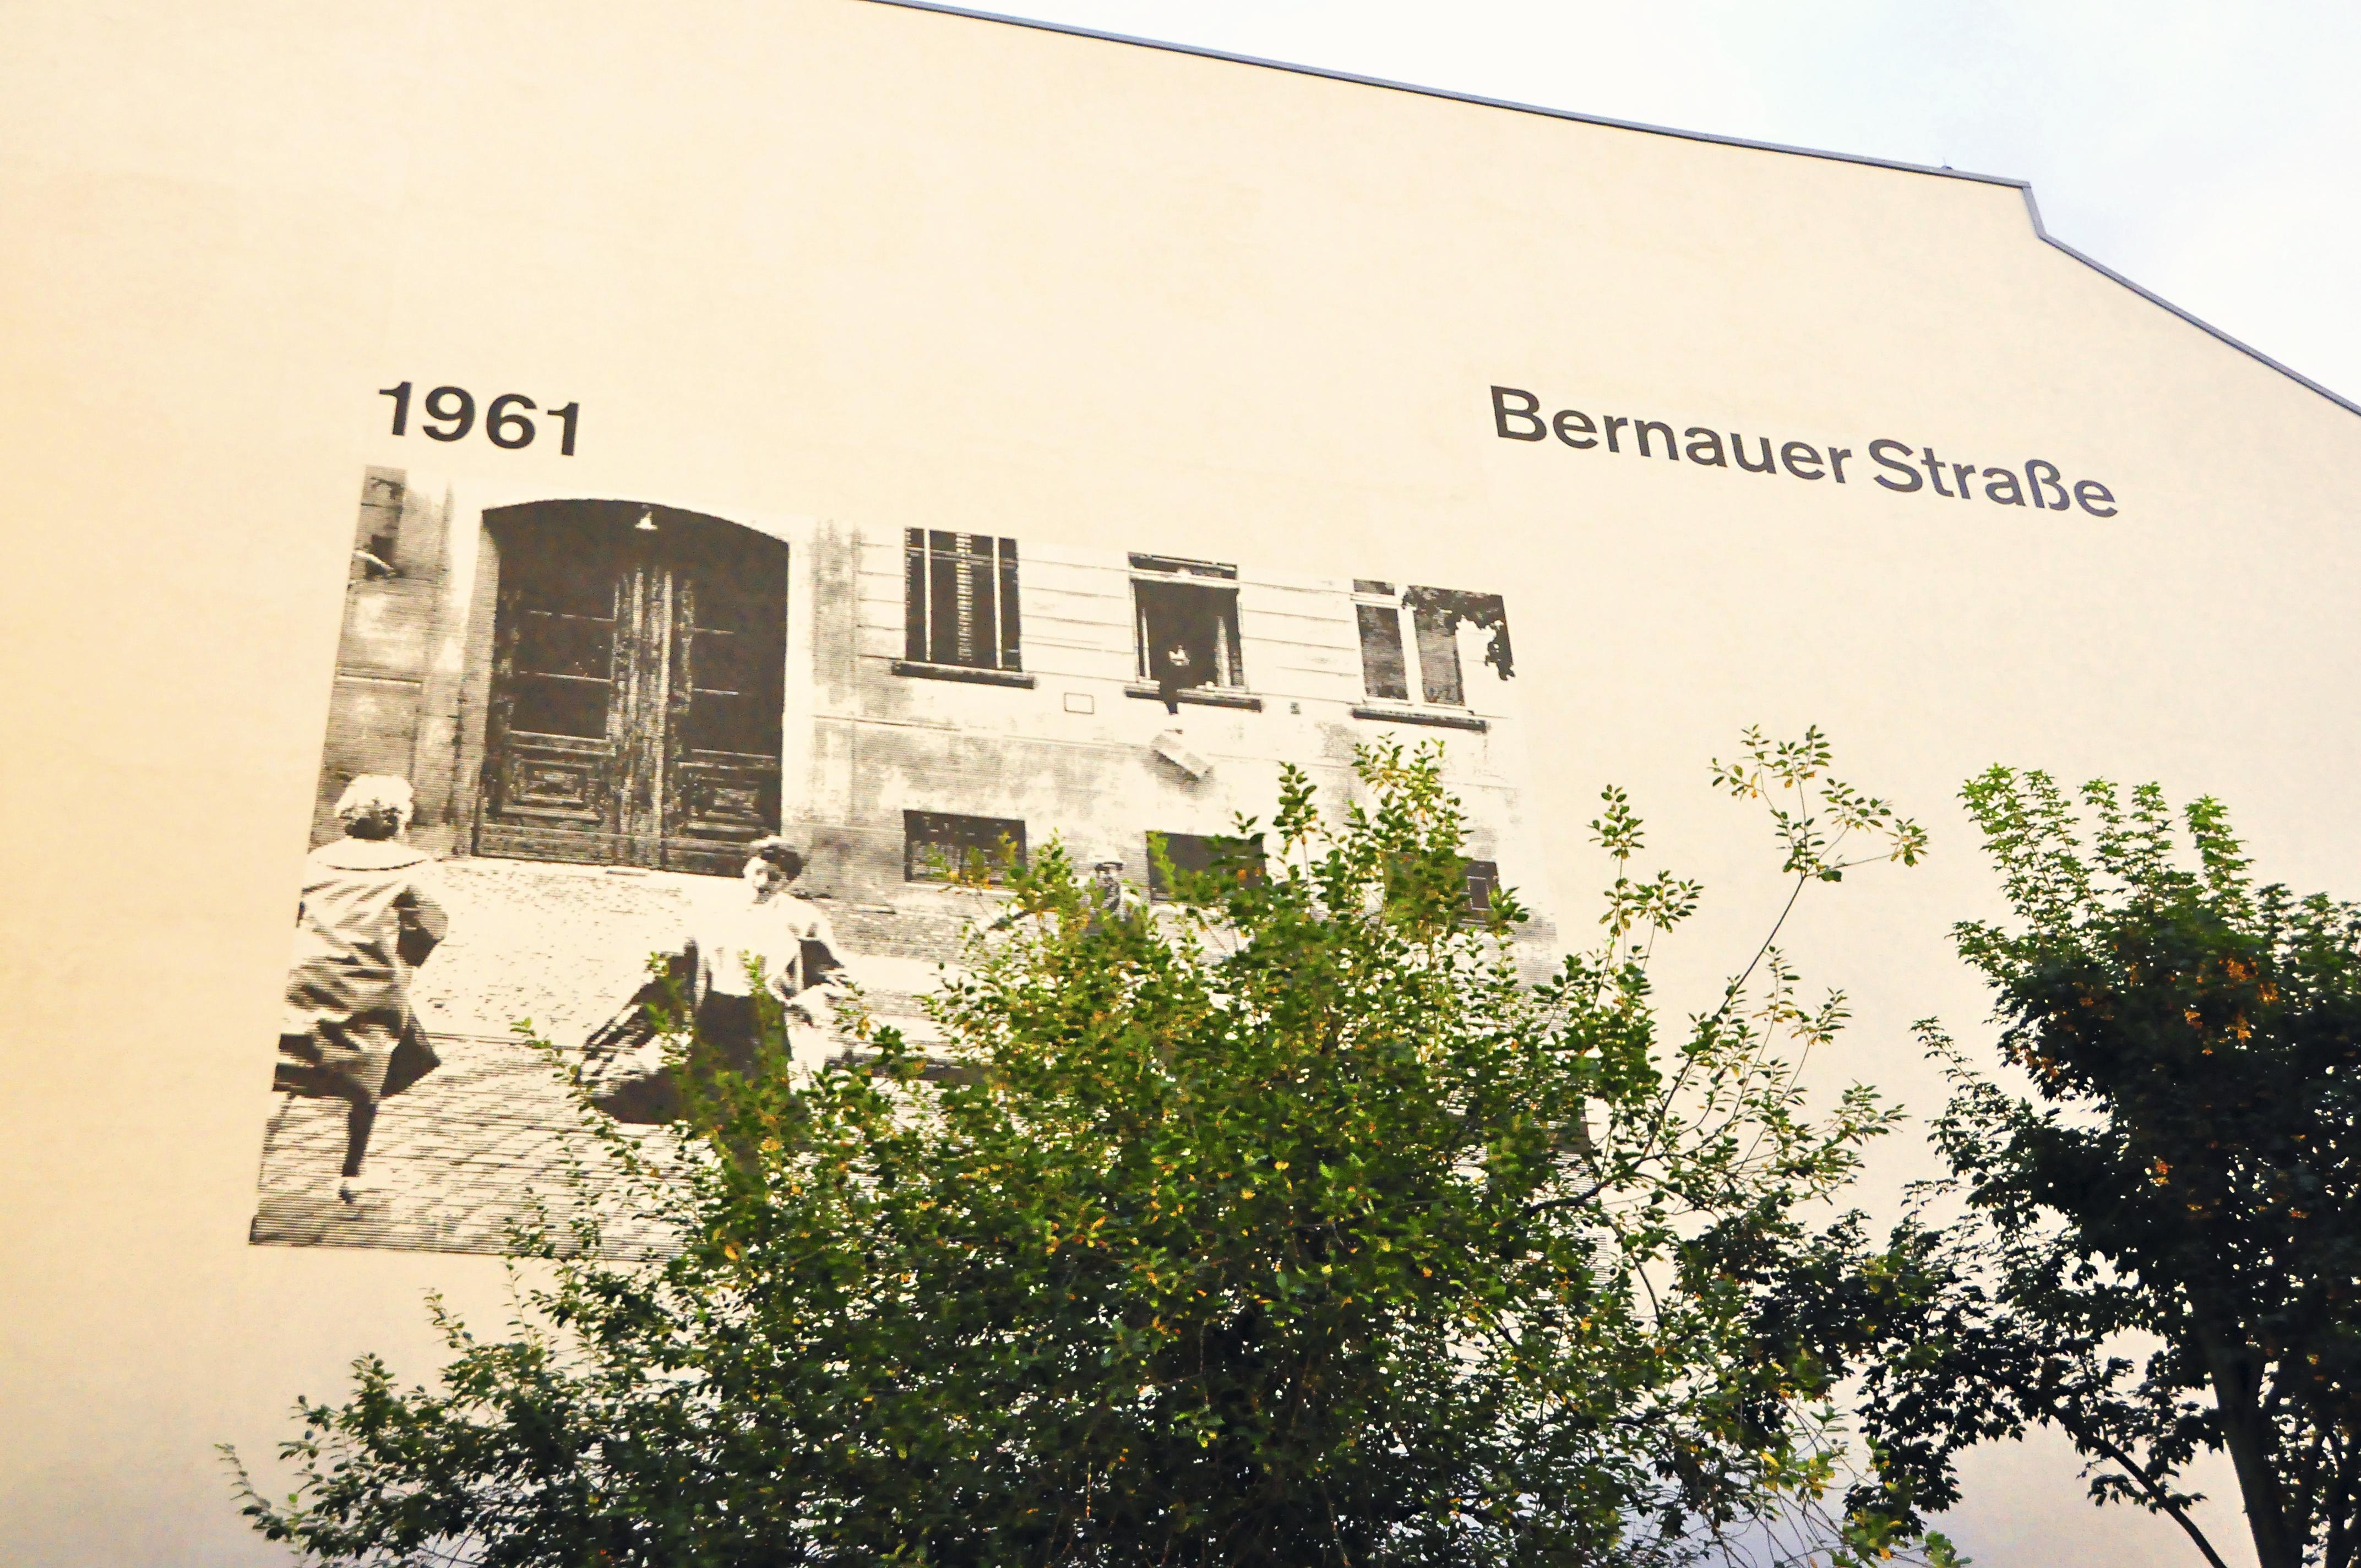 Placa no monumento ao Muro de Berlim, Alemanha